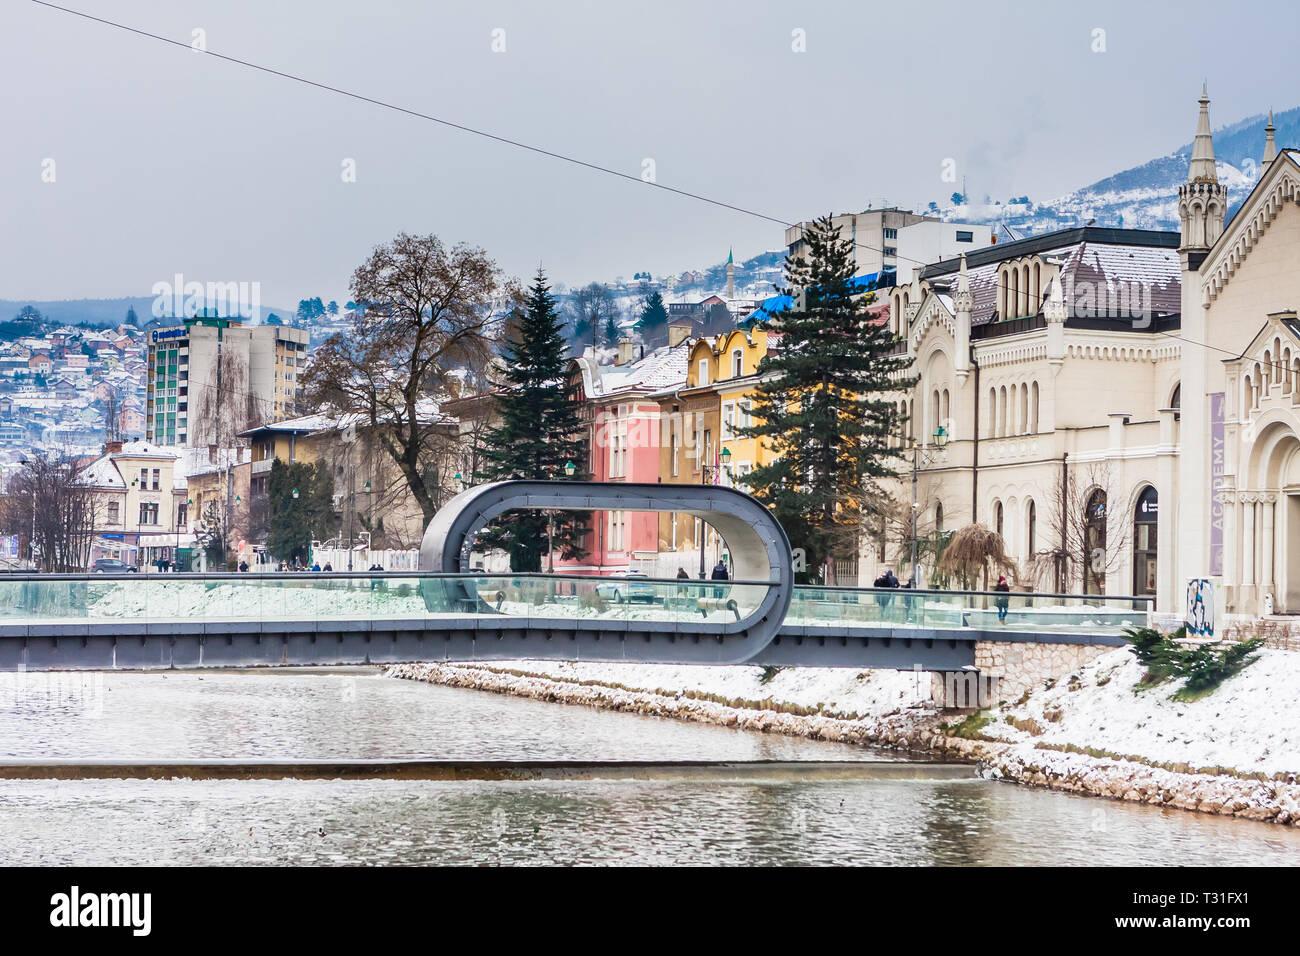 Vista de Sarajevo y Festina lente puente sobre el río Miljacka,Bosnia y Herzegovina Imagen De Stock